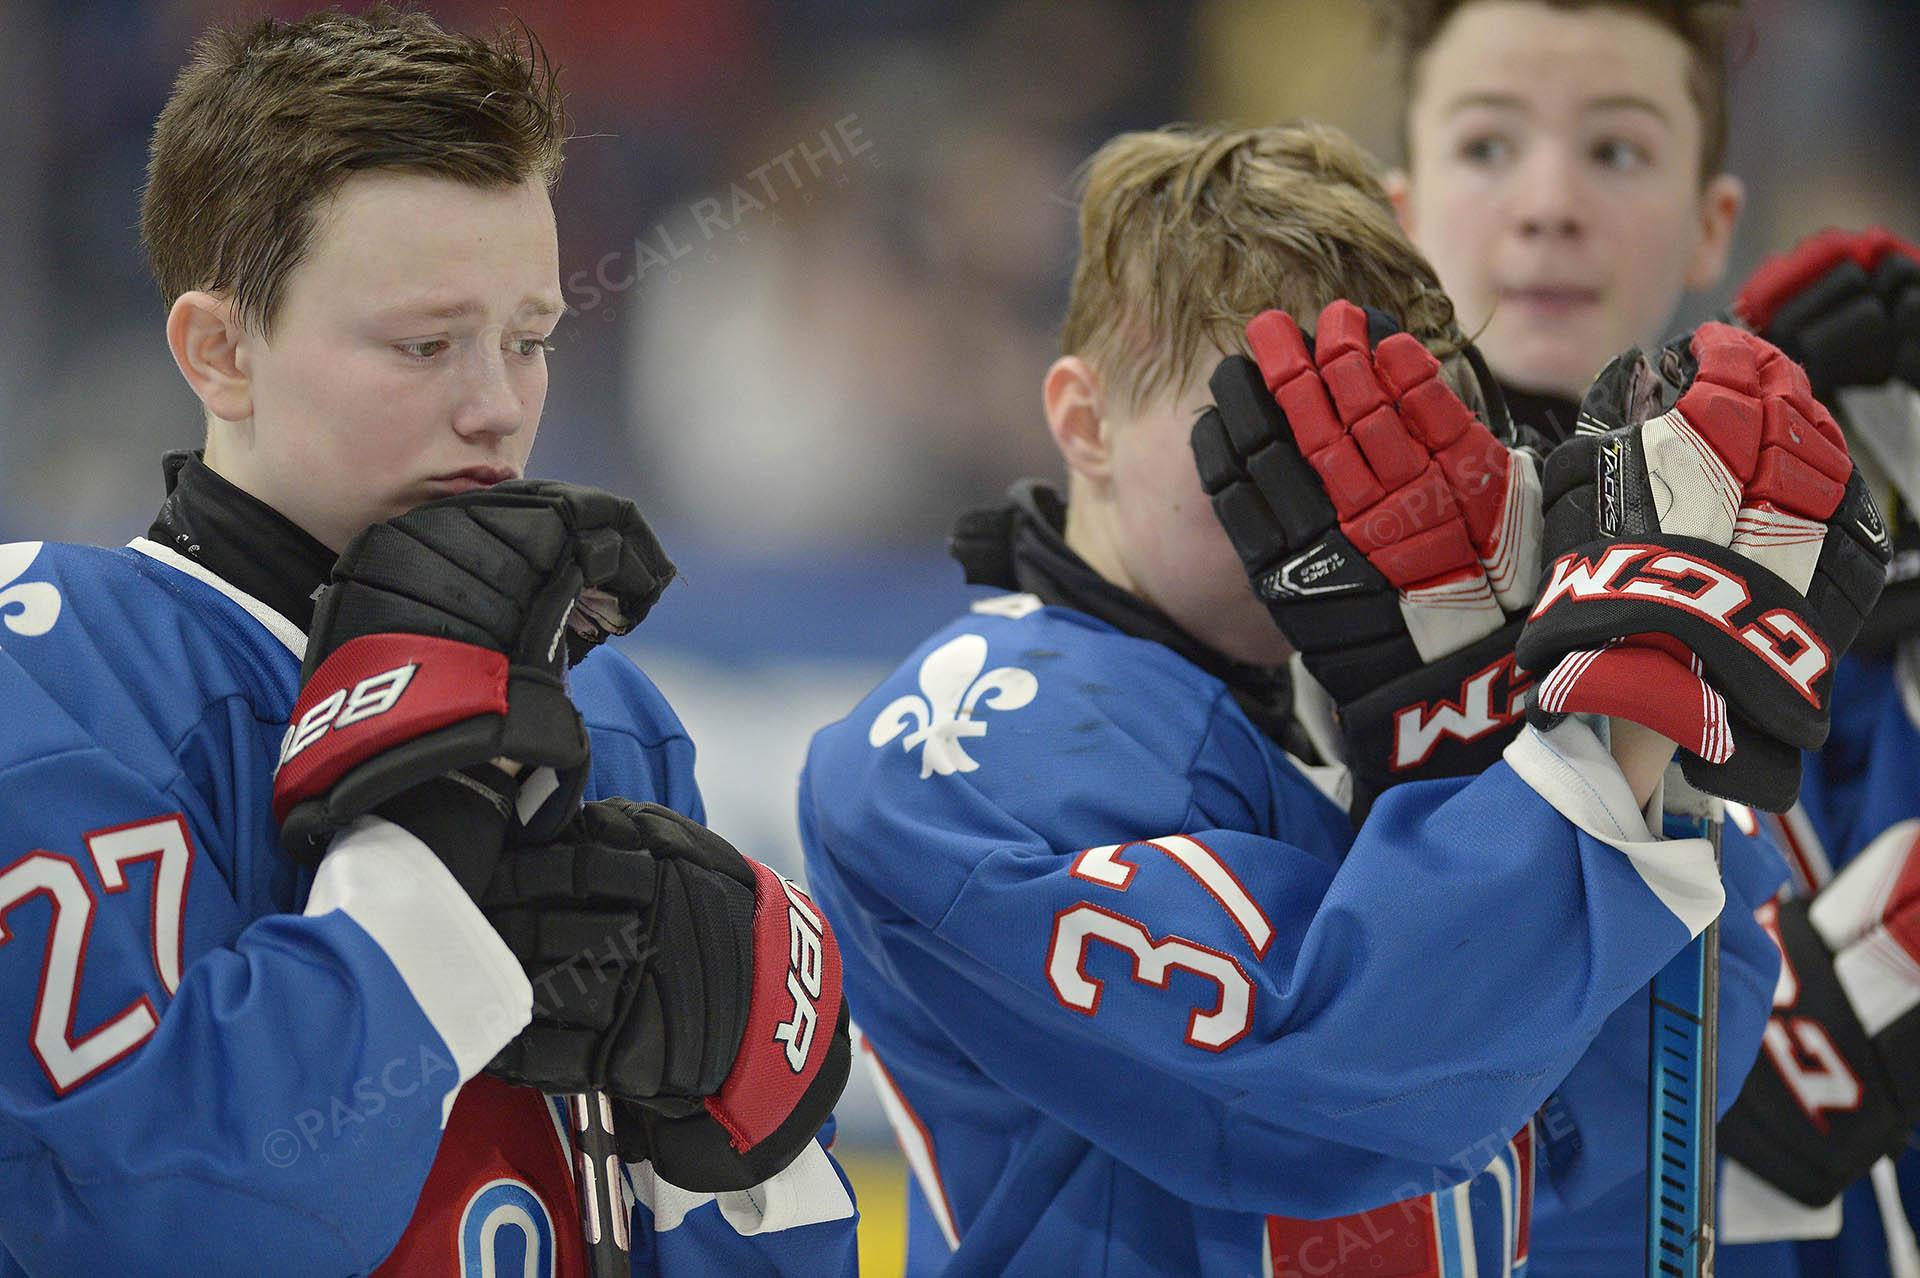 tournoi d'hockey pee wee 2019 la défaite des nordiques de québec vs pionniers de lanaudière